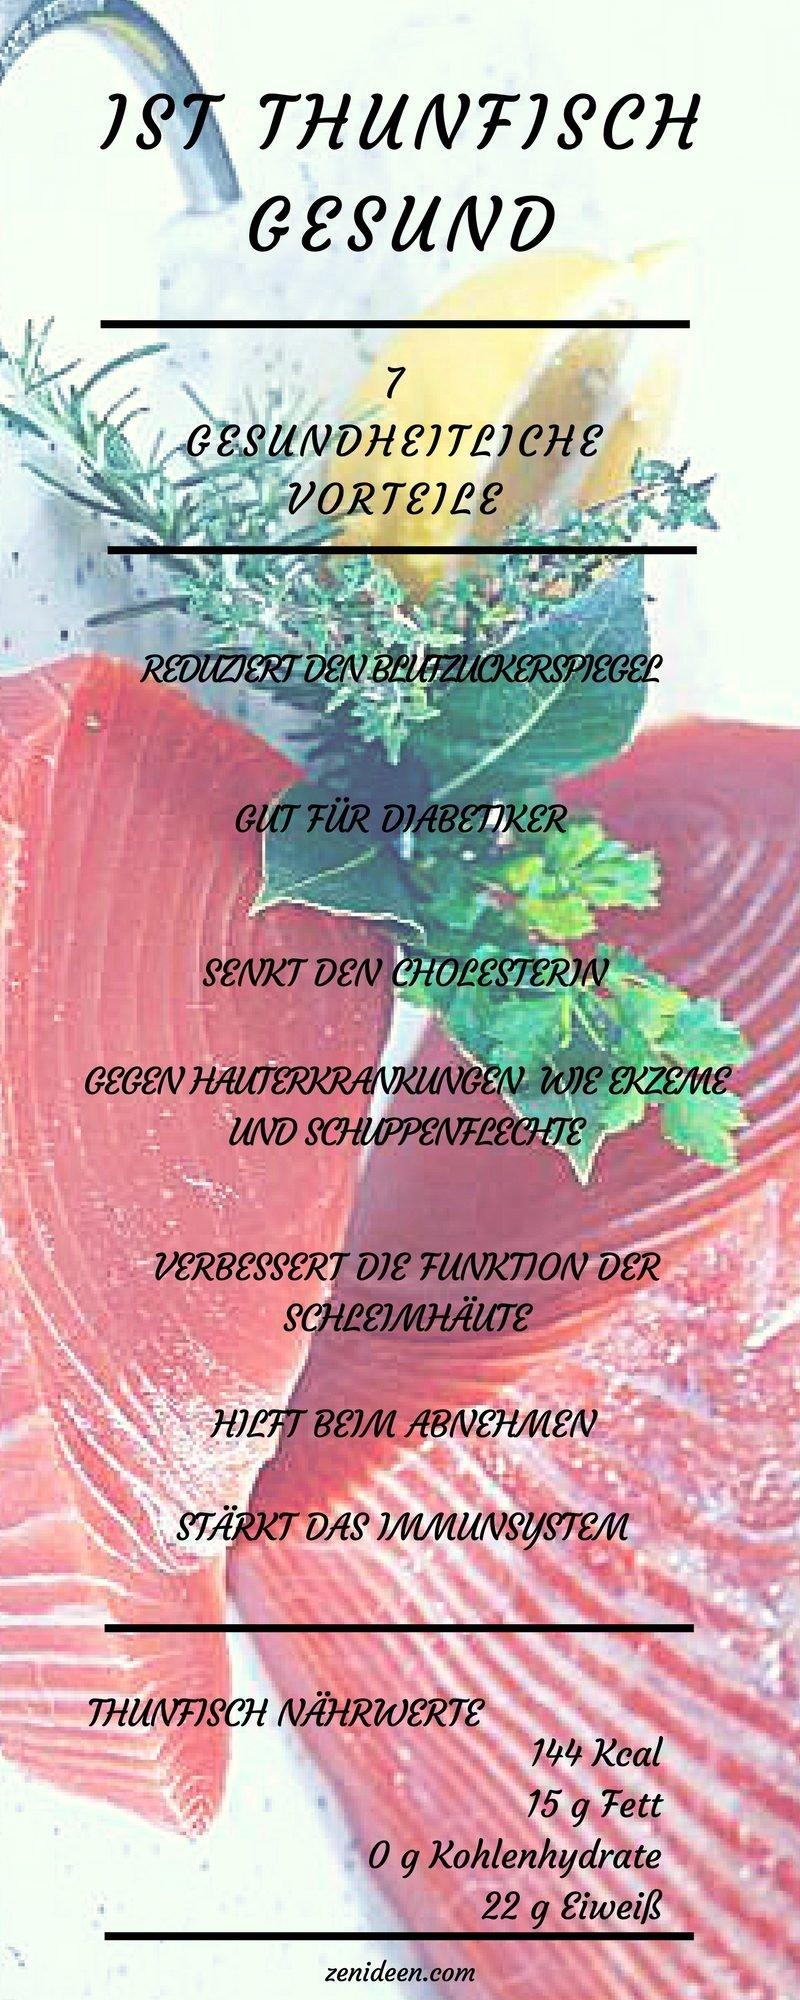 thunfisch gesund thunfisch nähwerte thunfisch kalorien